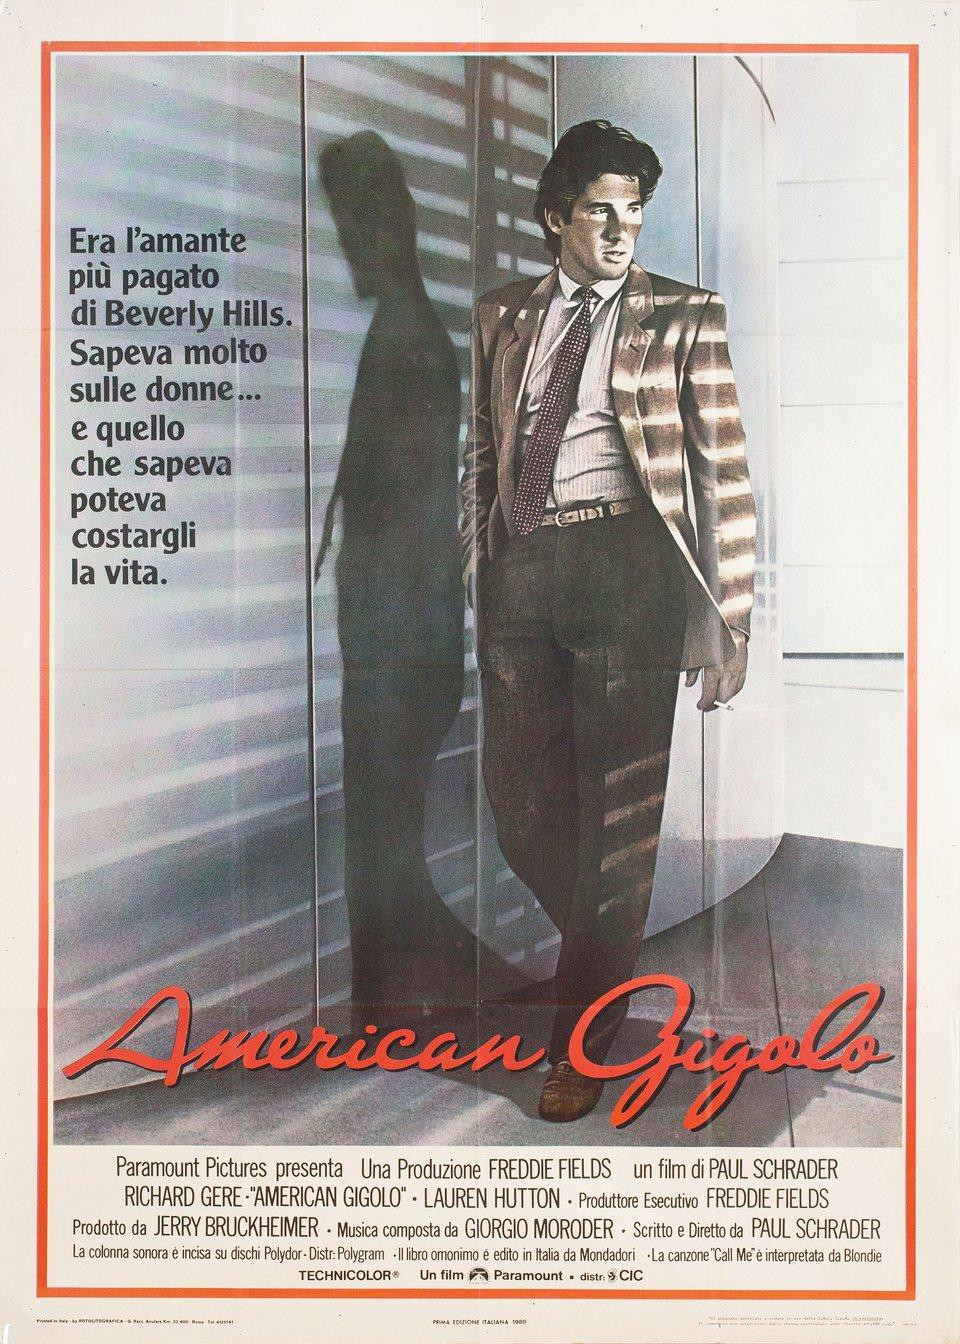 American Gigolo 1980 Italian Due Fogli Poster